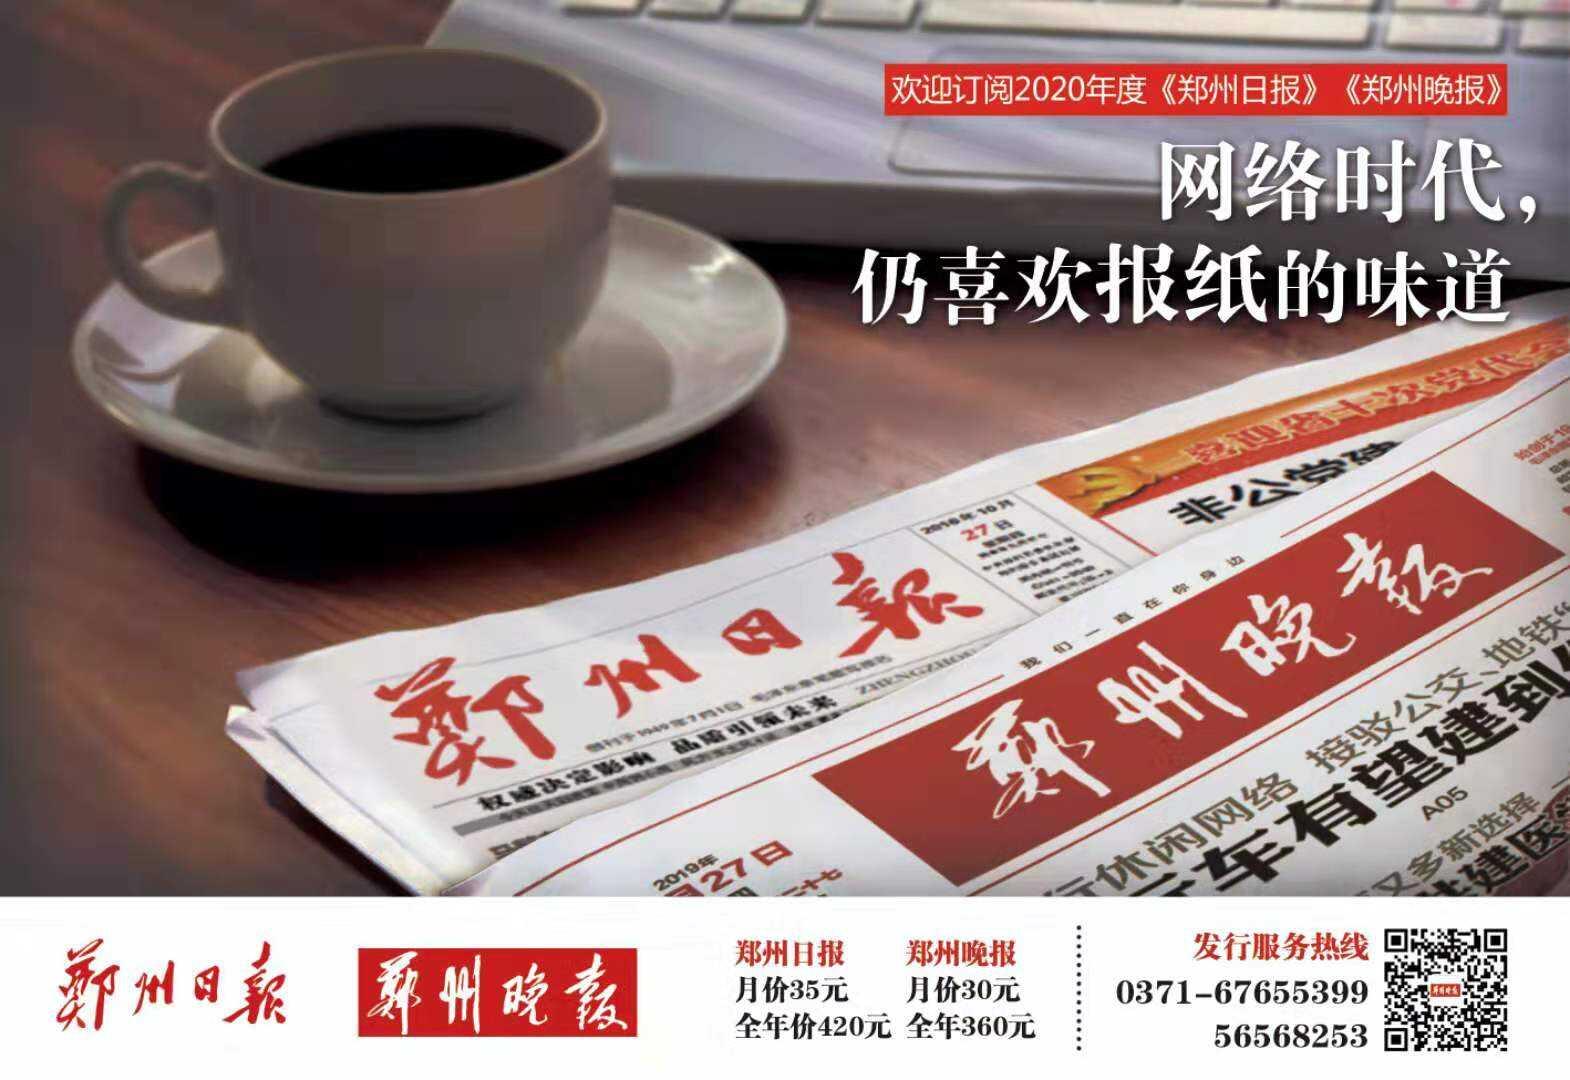 欢迎订阅2020年度《郑州日报》《郑州晚报》